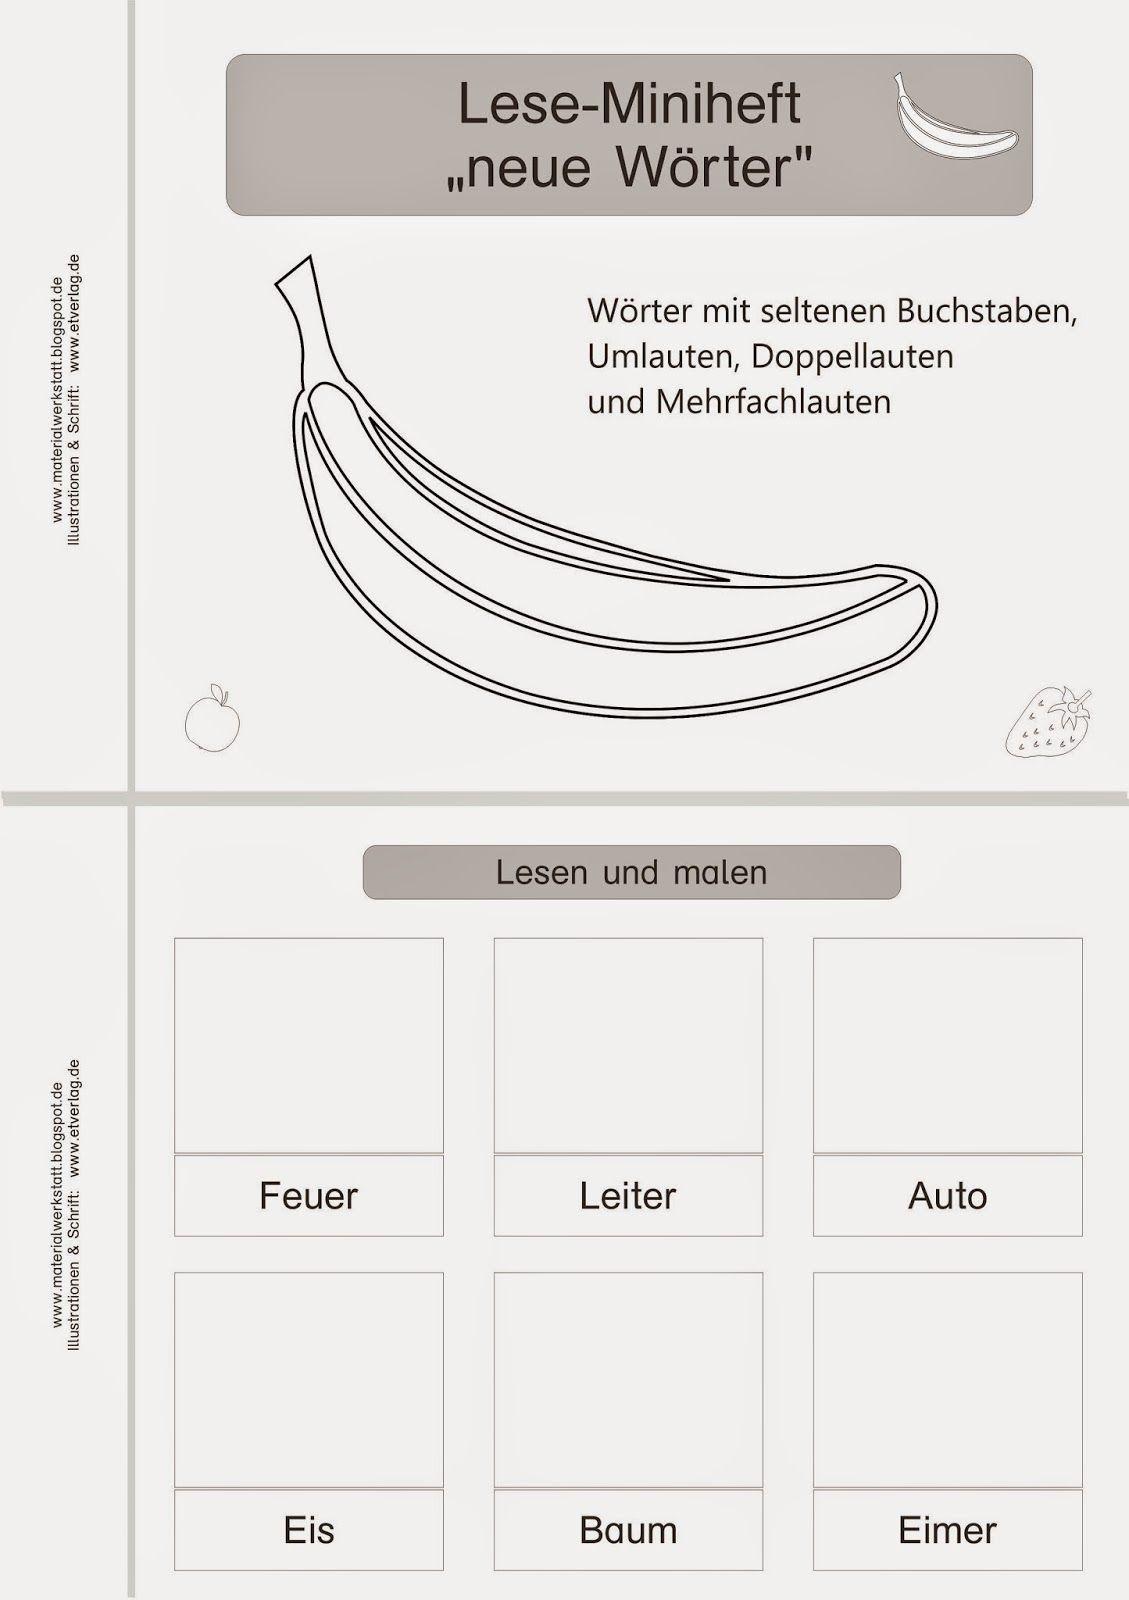 unterrichtsmaterialien ideen tipps f r die grund und f rderschule schule deutsch lesen. Black Bedroom Furniture Sets. Home Design Ideas